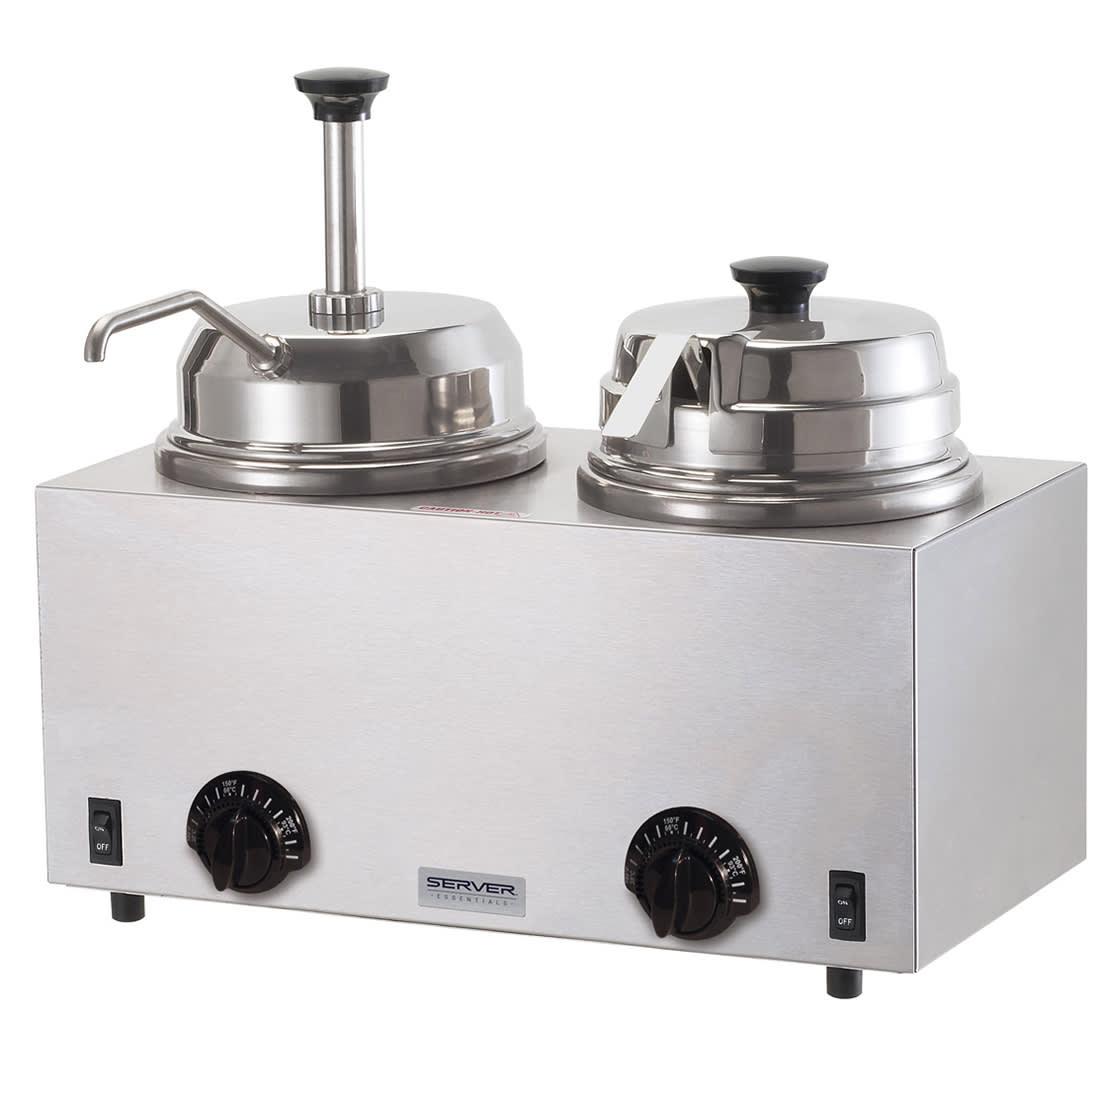 Server 81290 Twin Fudge Server, Pump & Ladle, SS, Use #10 Can or 3 qt Jar, 120 V